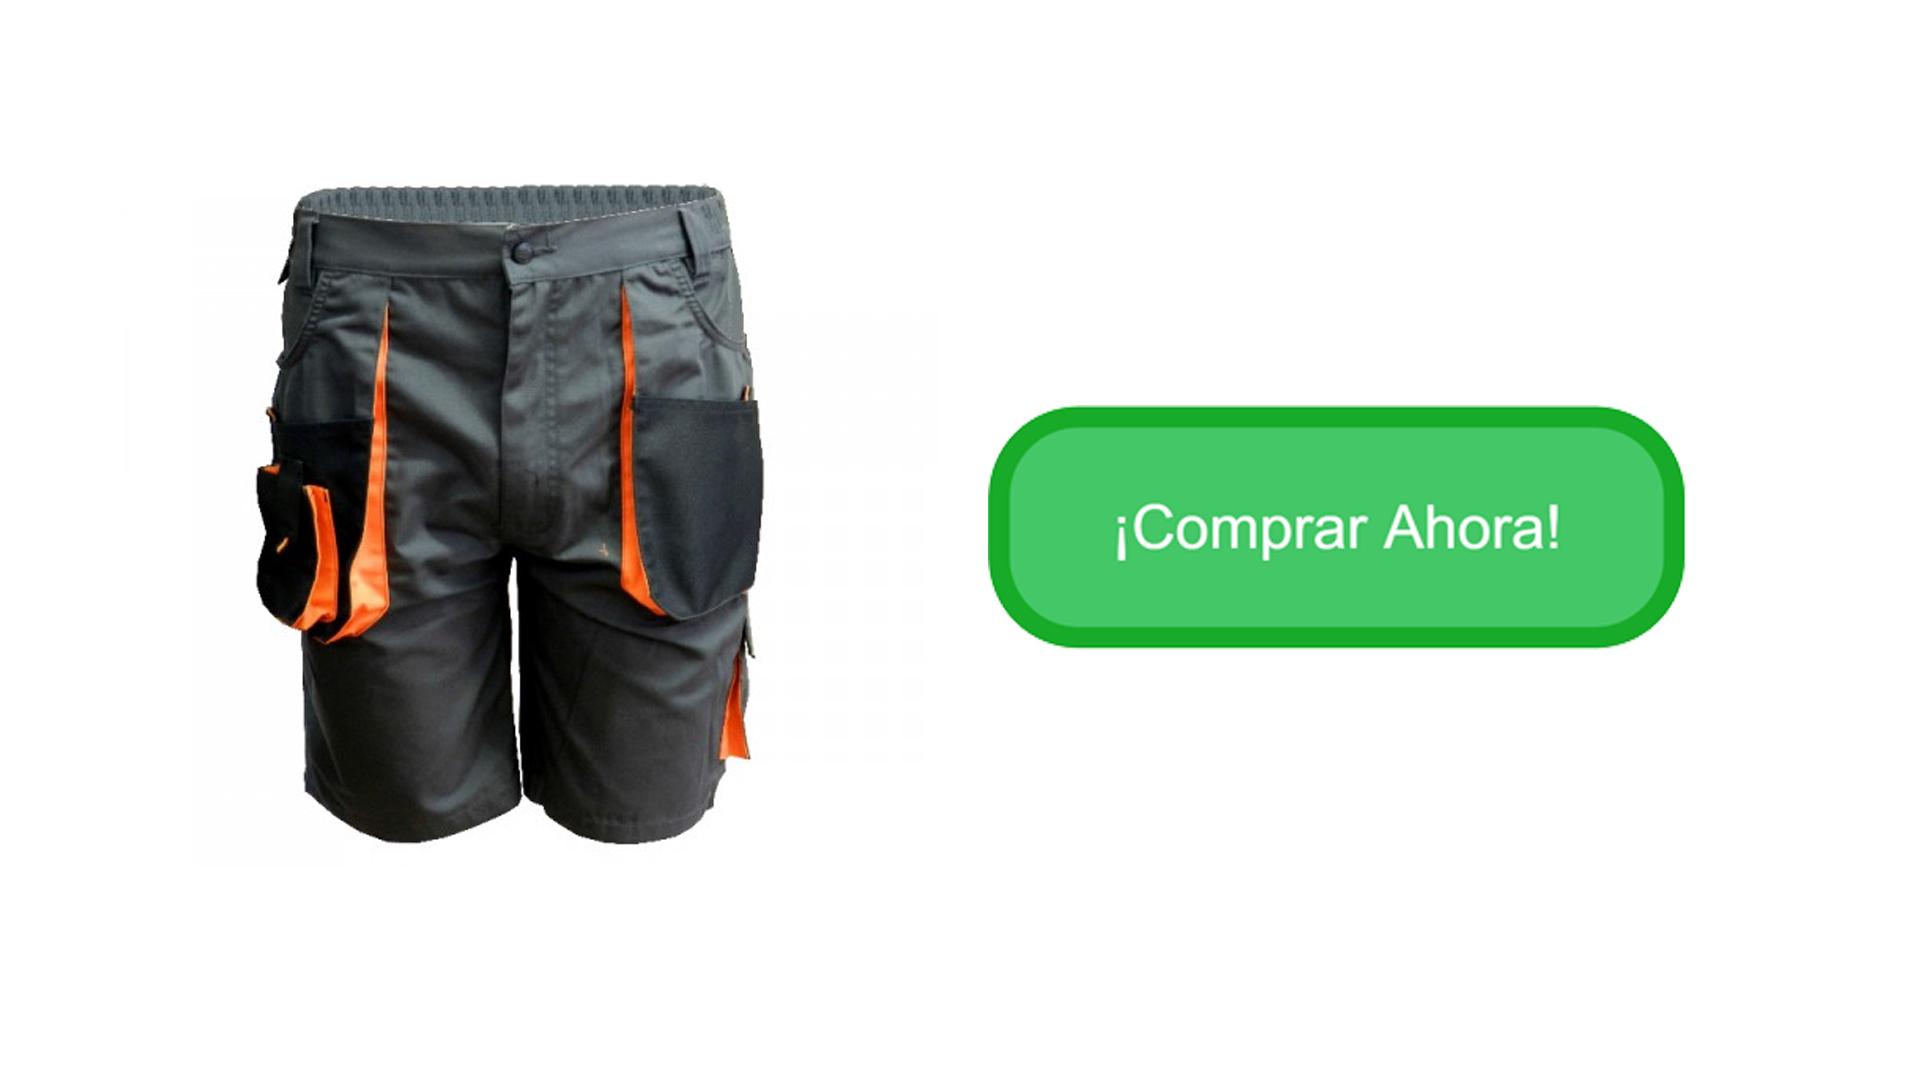 Pantalones Cortos Herraiz - Comprar Ahora tres